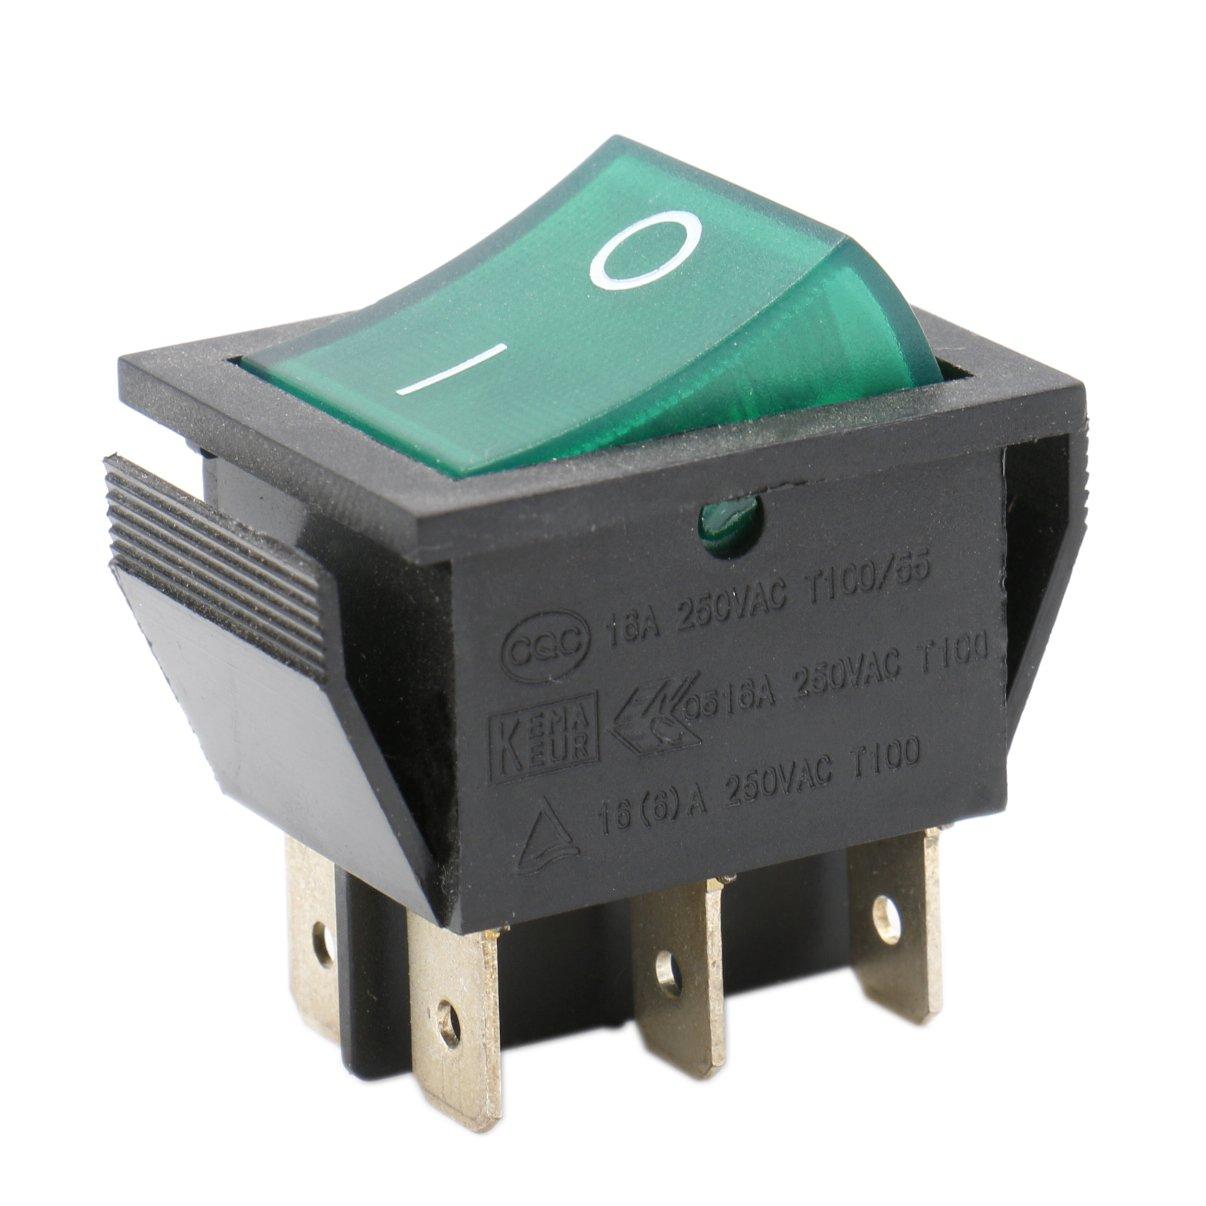 Heschen Rocker Switch ON-OFF DPDT 6 Terminals Green Light Illuminated 16A 250VAC 2Pack Ningbo Master Soken Electrical Co.Ltd RK1-01-HS